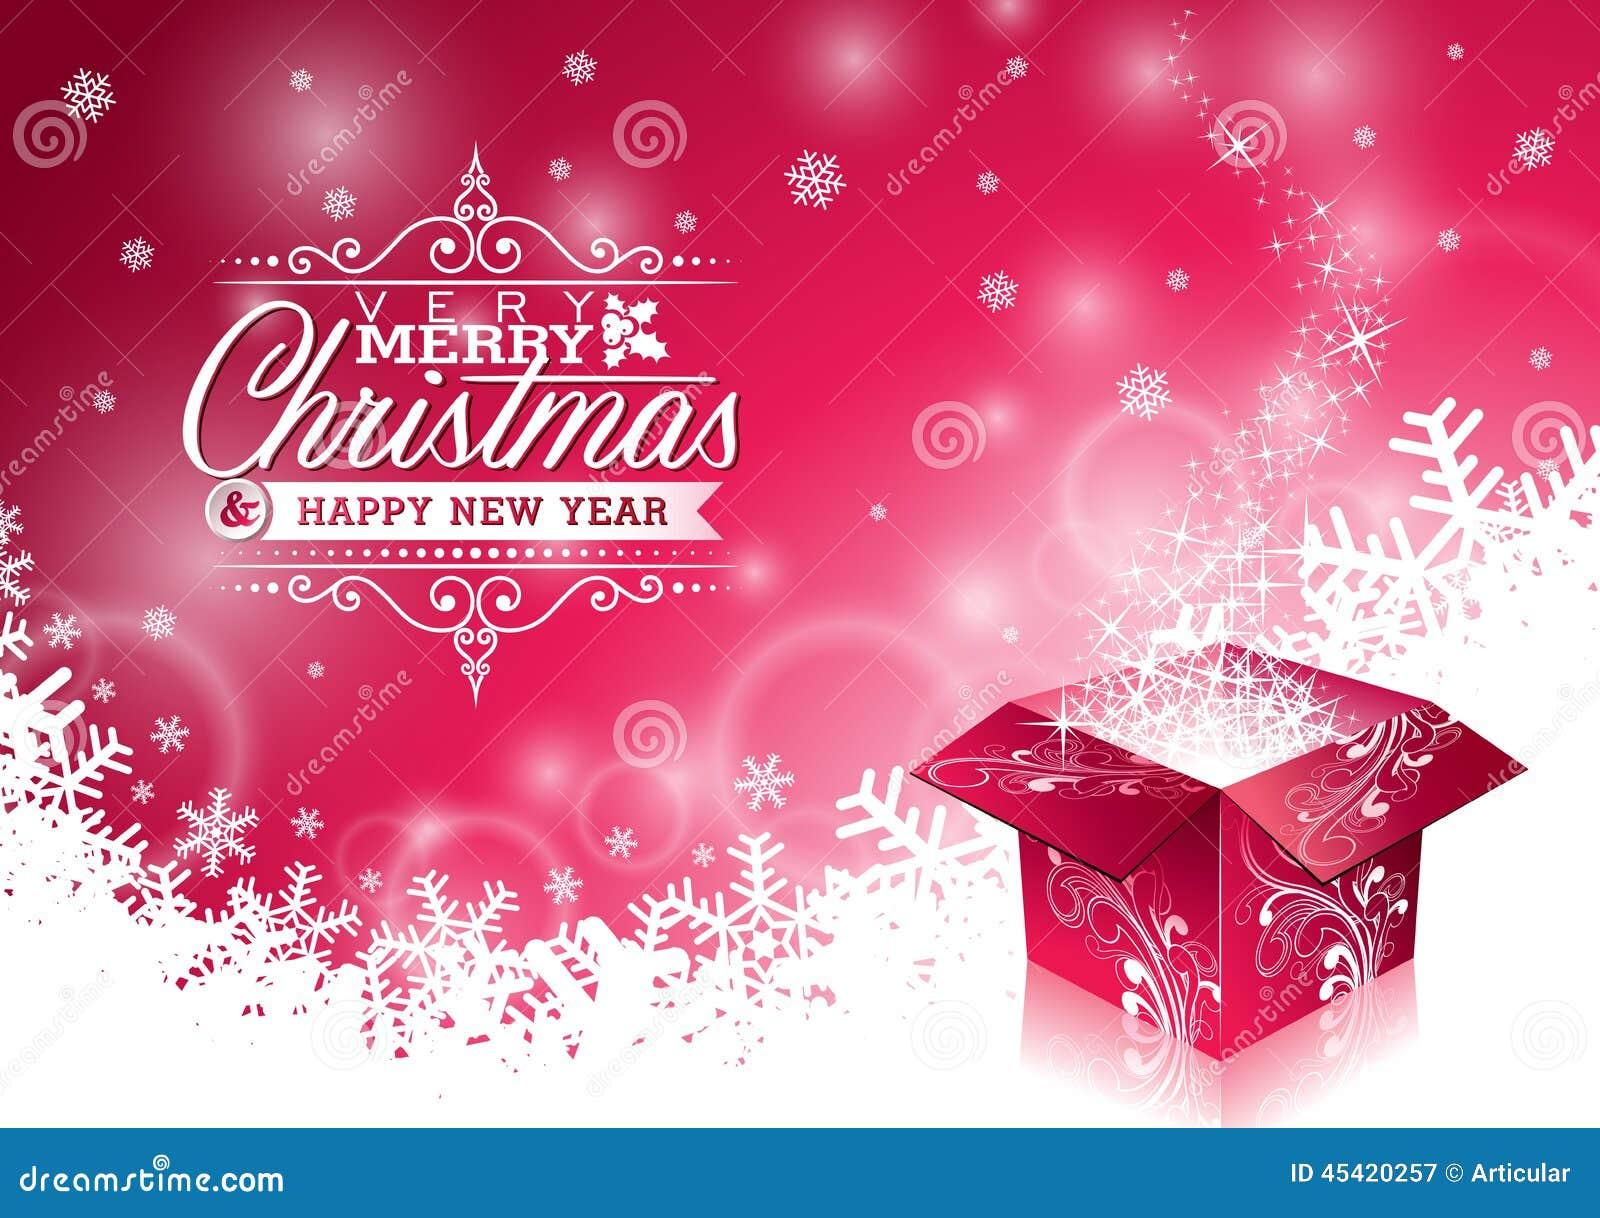 Wektorowa Bożenarodzeniowa ilustracja z typograficznym projektem i błyszczący magiczny prezenta pudełko na płatka śniegu tle